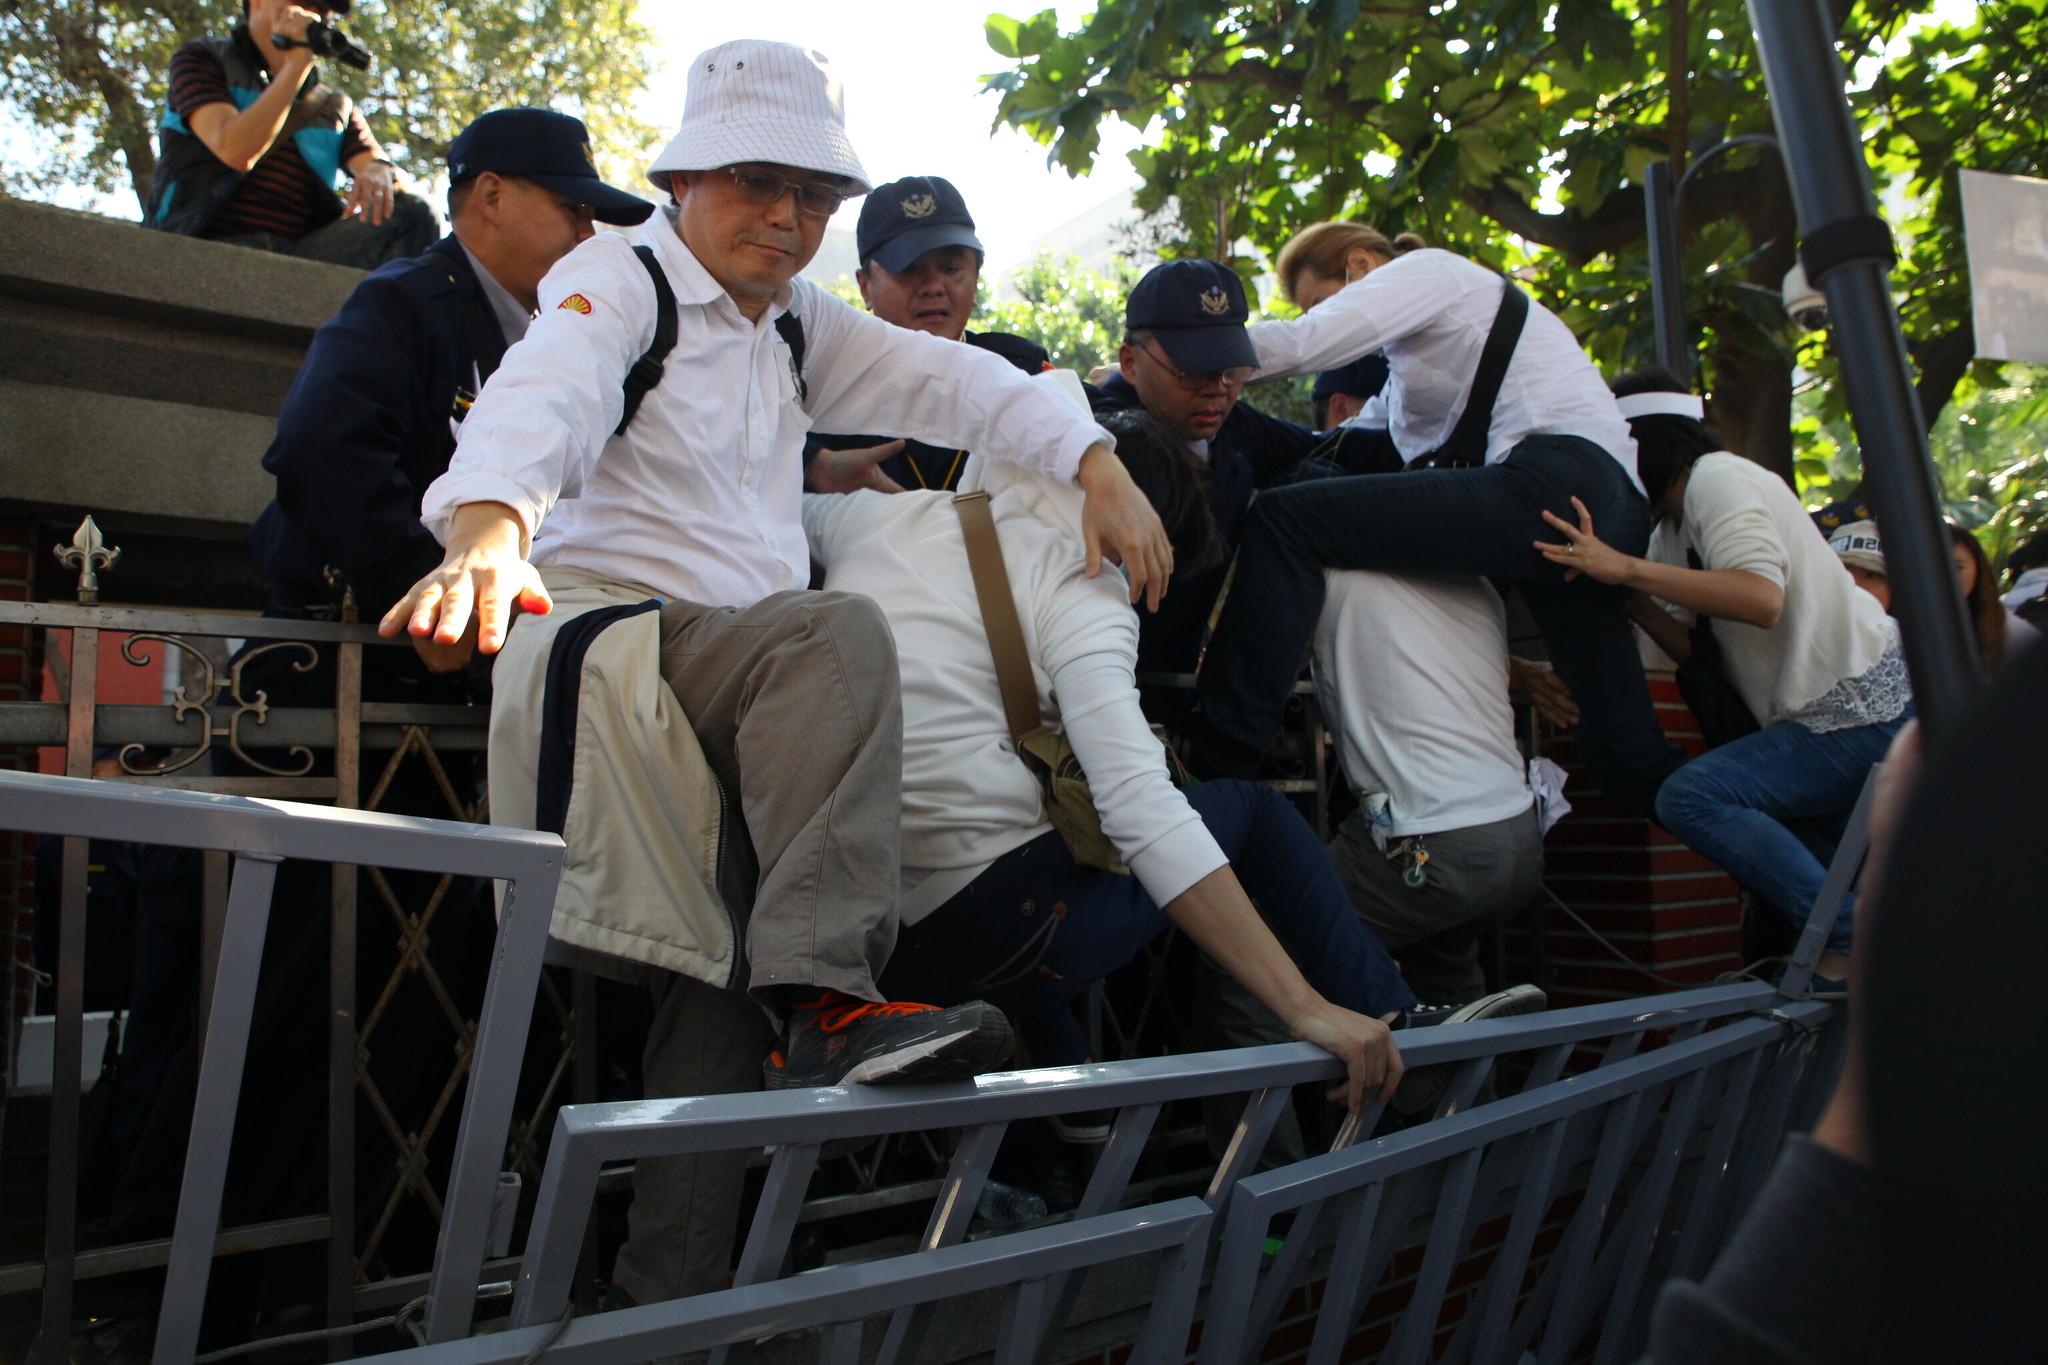 反同婚方試圖攀爬立院圍牆,與警方發生衝突,舞台主持人要求警方「釋放公民」不要阻擋。(攝影:陳逸婷)